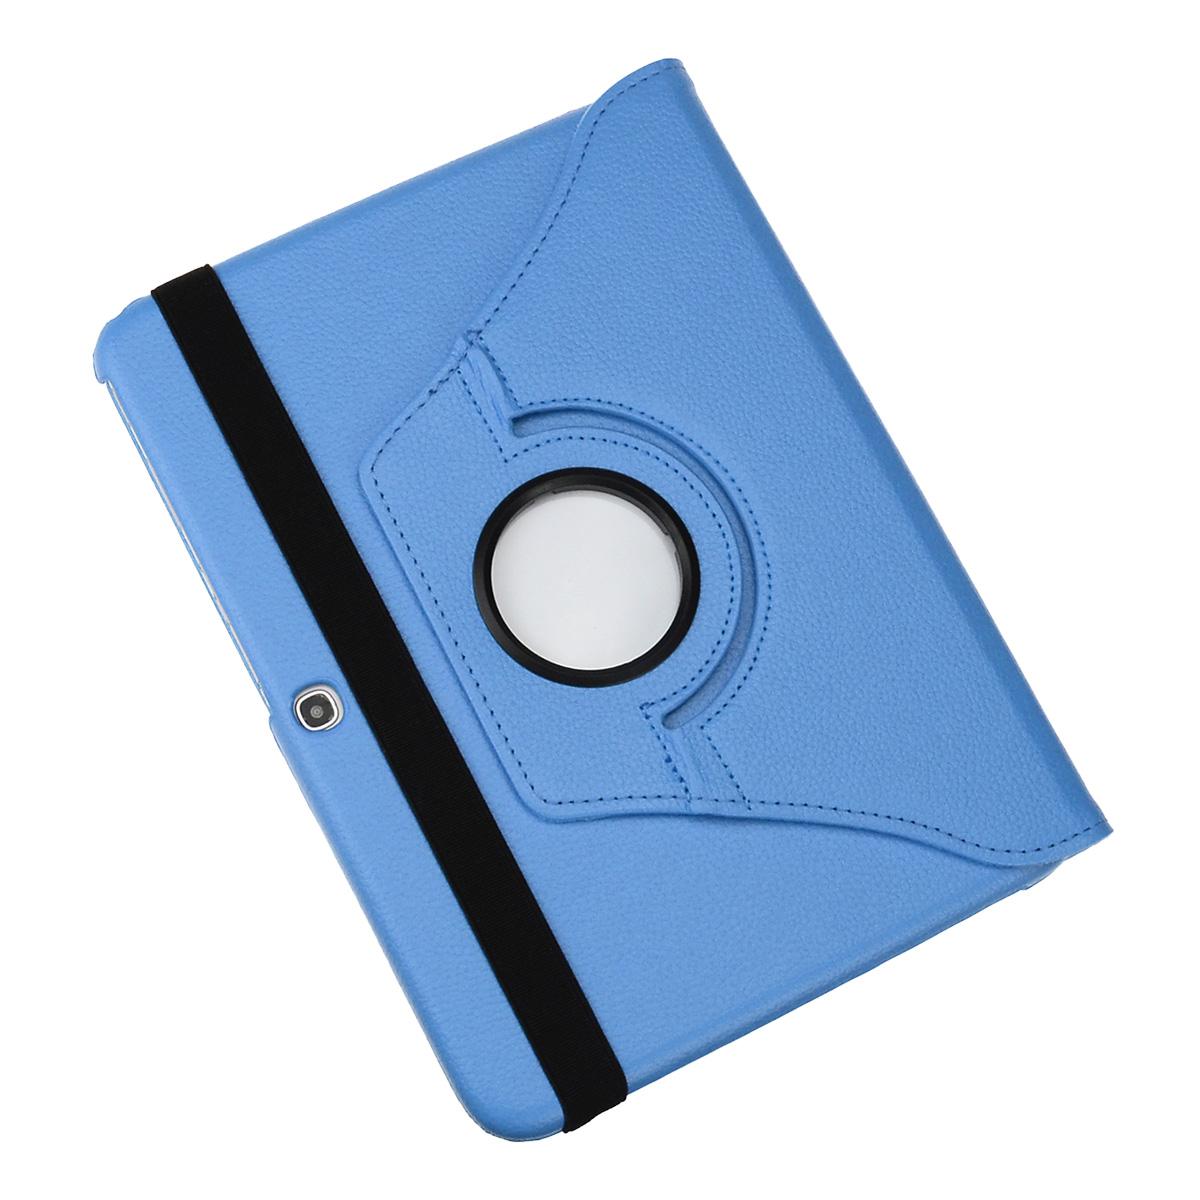 360-drehbar-Huelle-Samsung-Tab-E-9-6-Schutz-Cover-Case-Tasche-Etui-Staender-Folie Indexbild 31